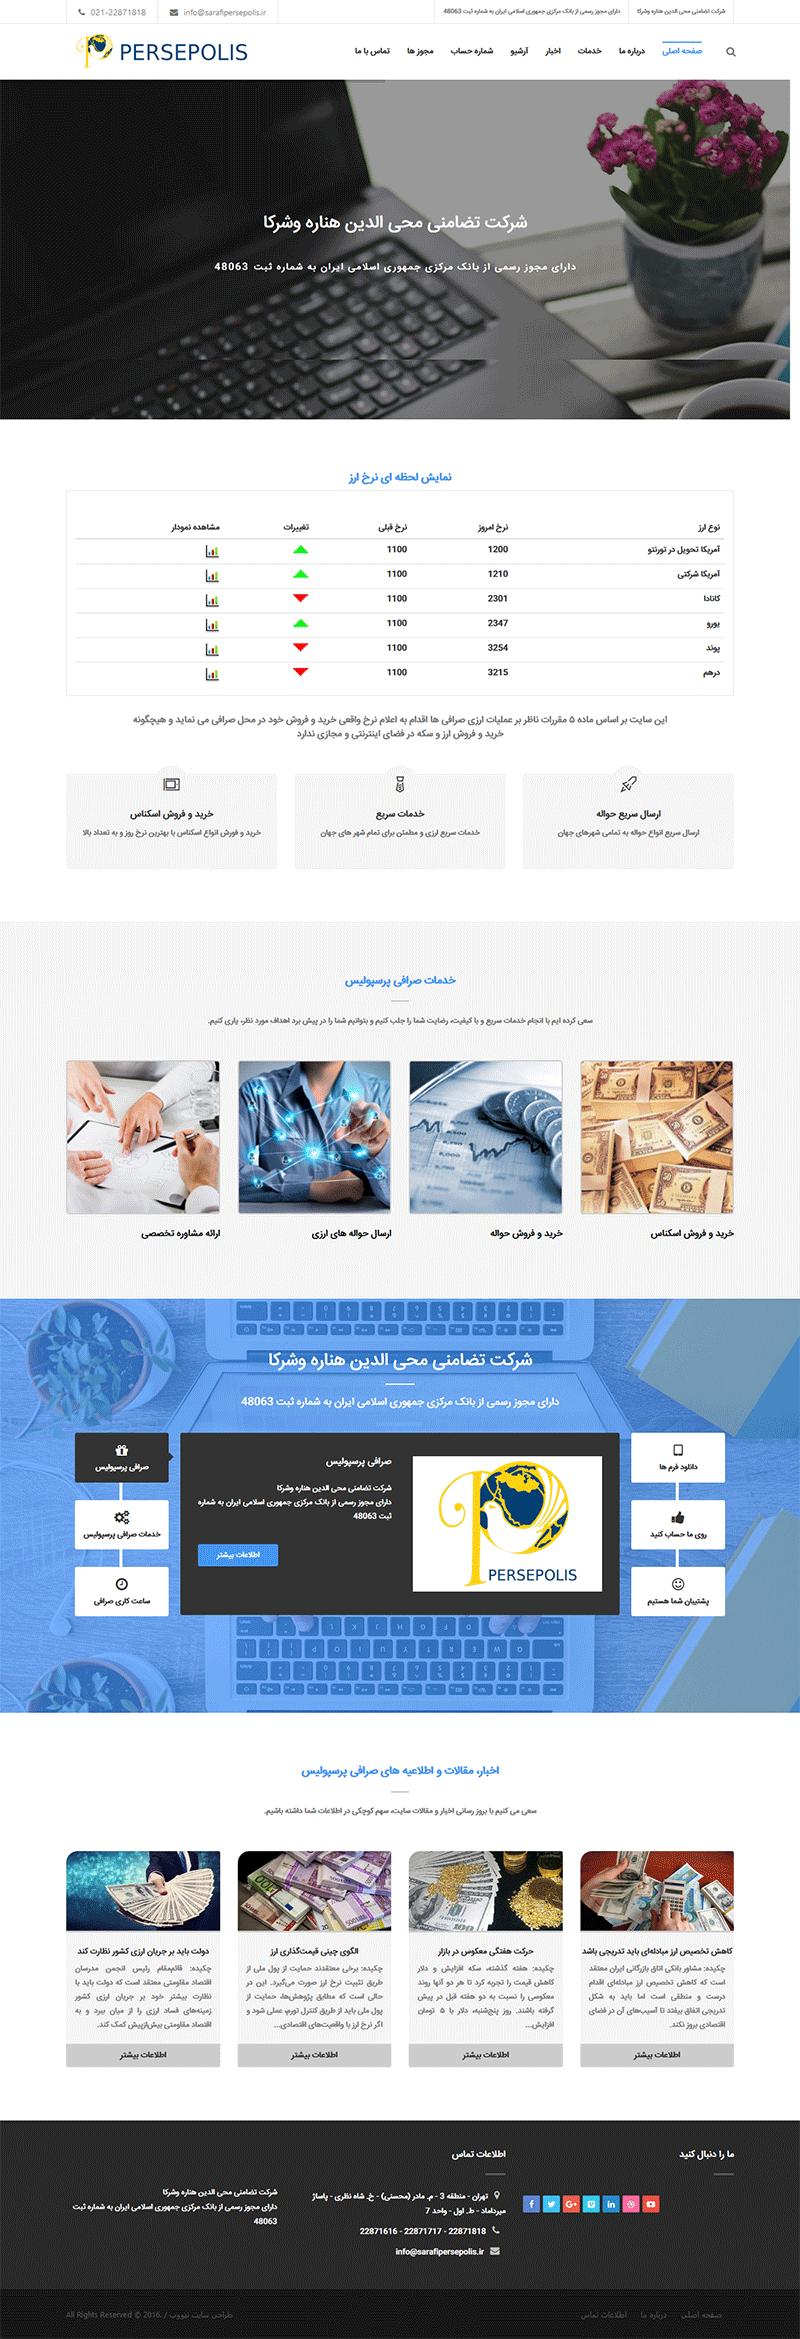 طراحی سایت صرافی پرسپولیس